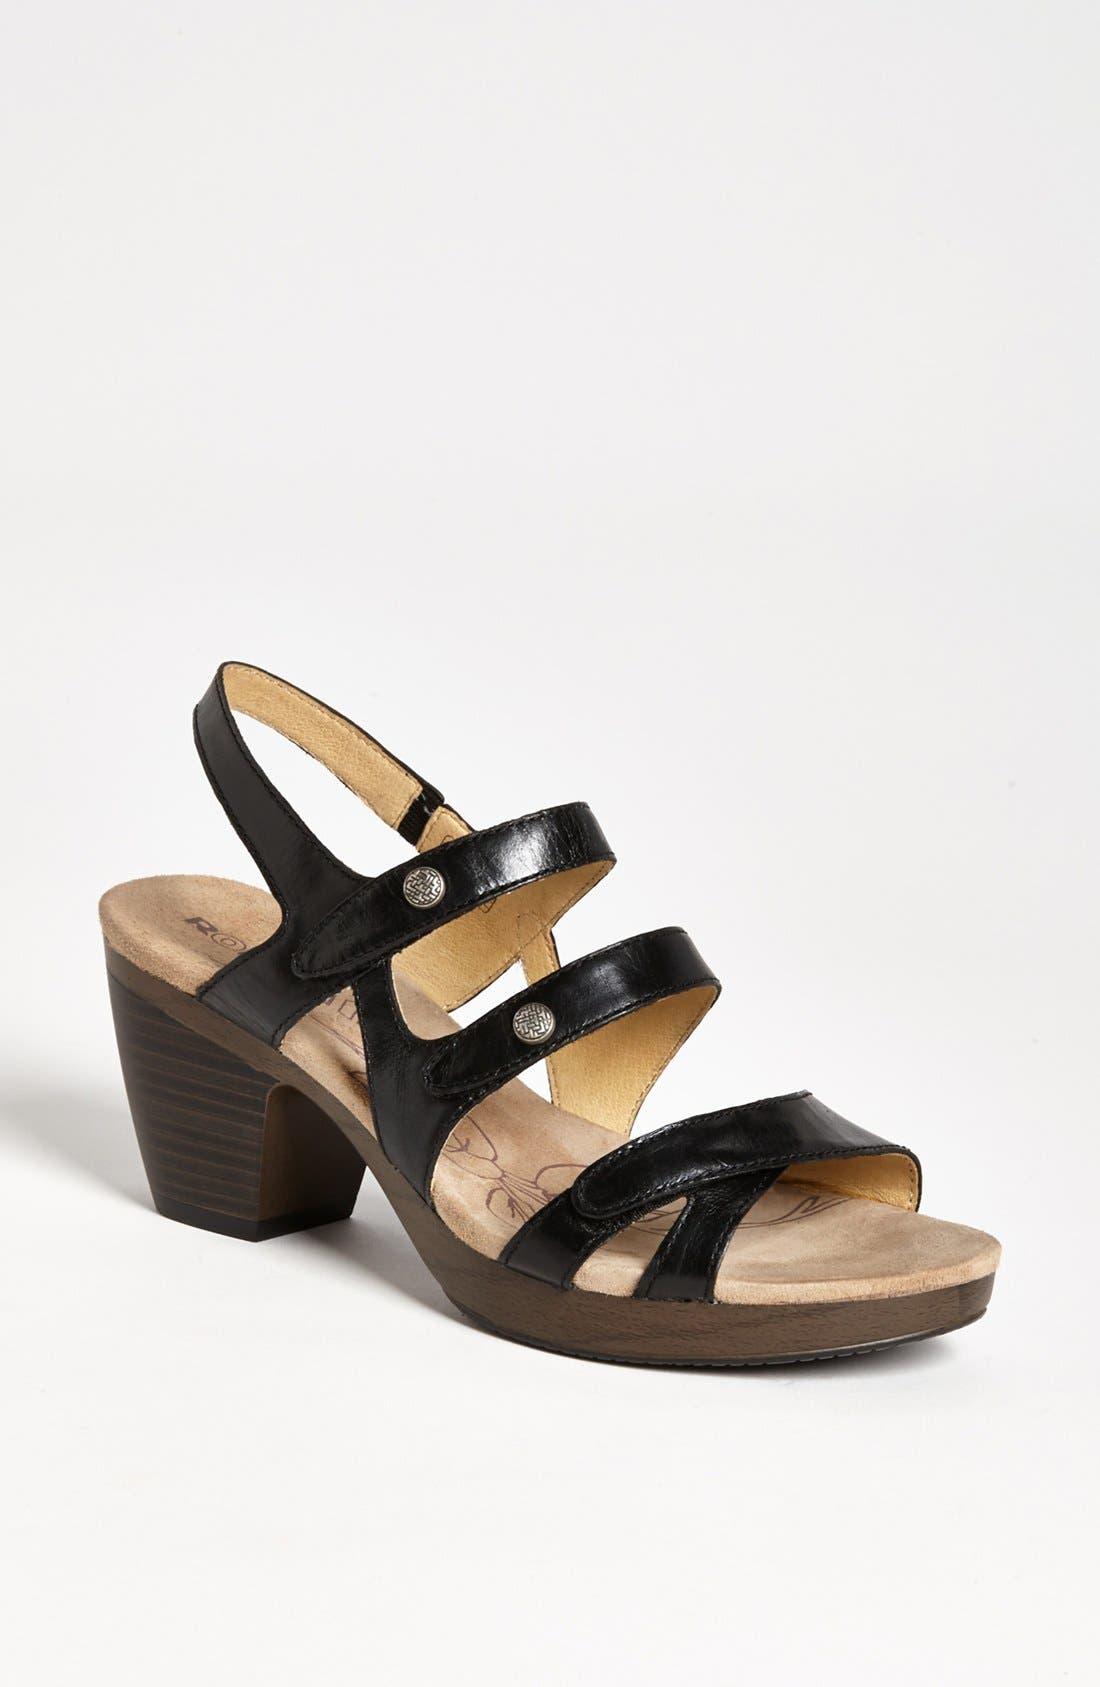 Alternate Image 1 Selected - Romika® 'Nancy 03' Sandal